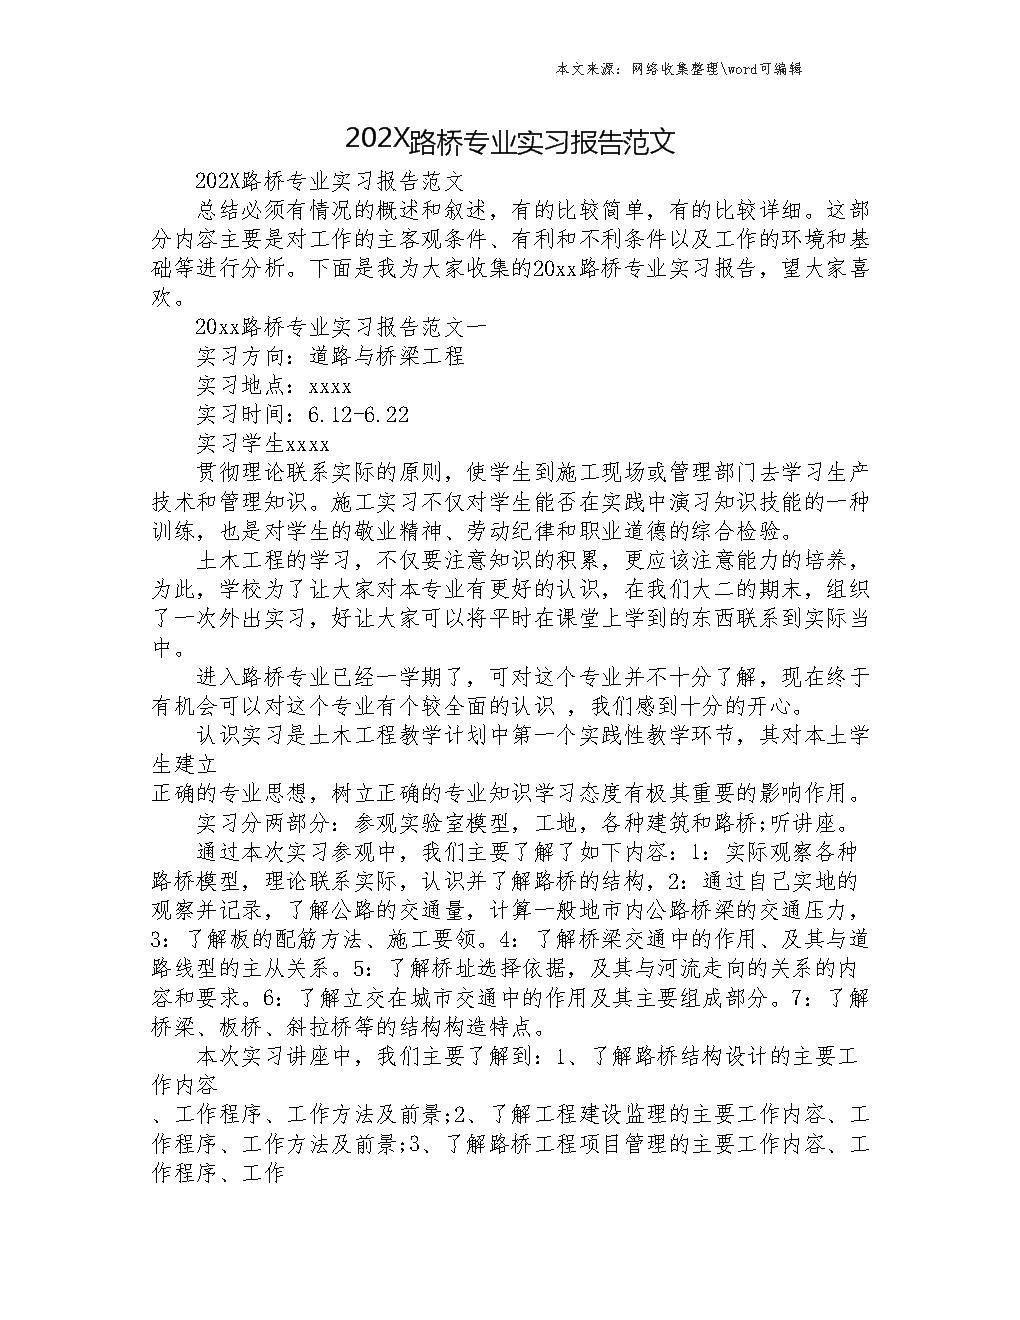 2020路桥专业实习报告范文l.doc